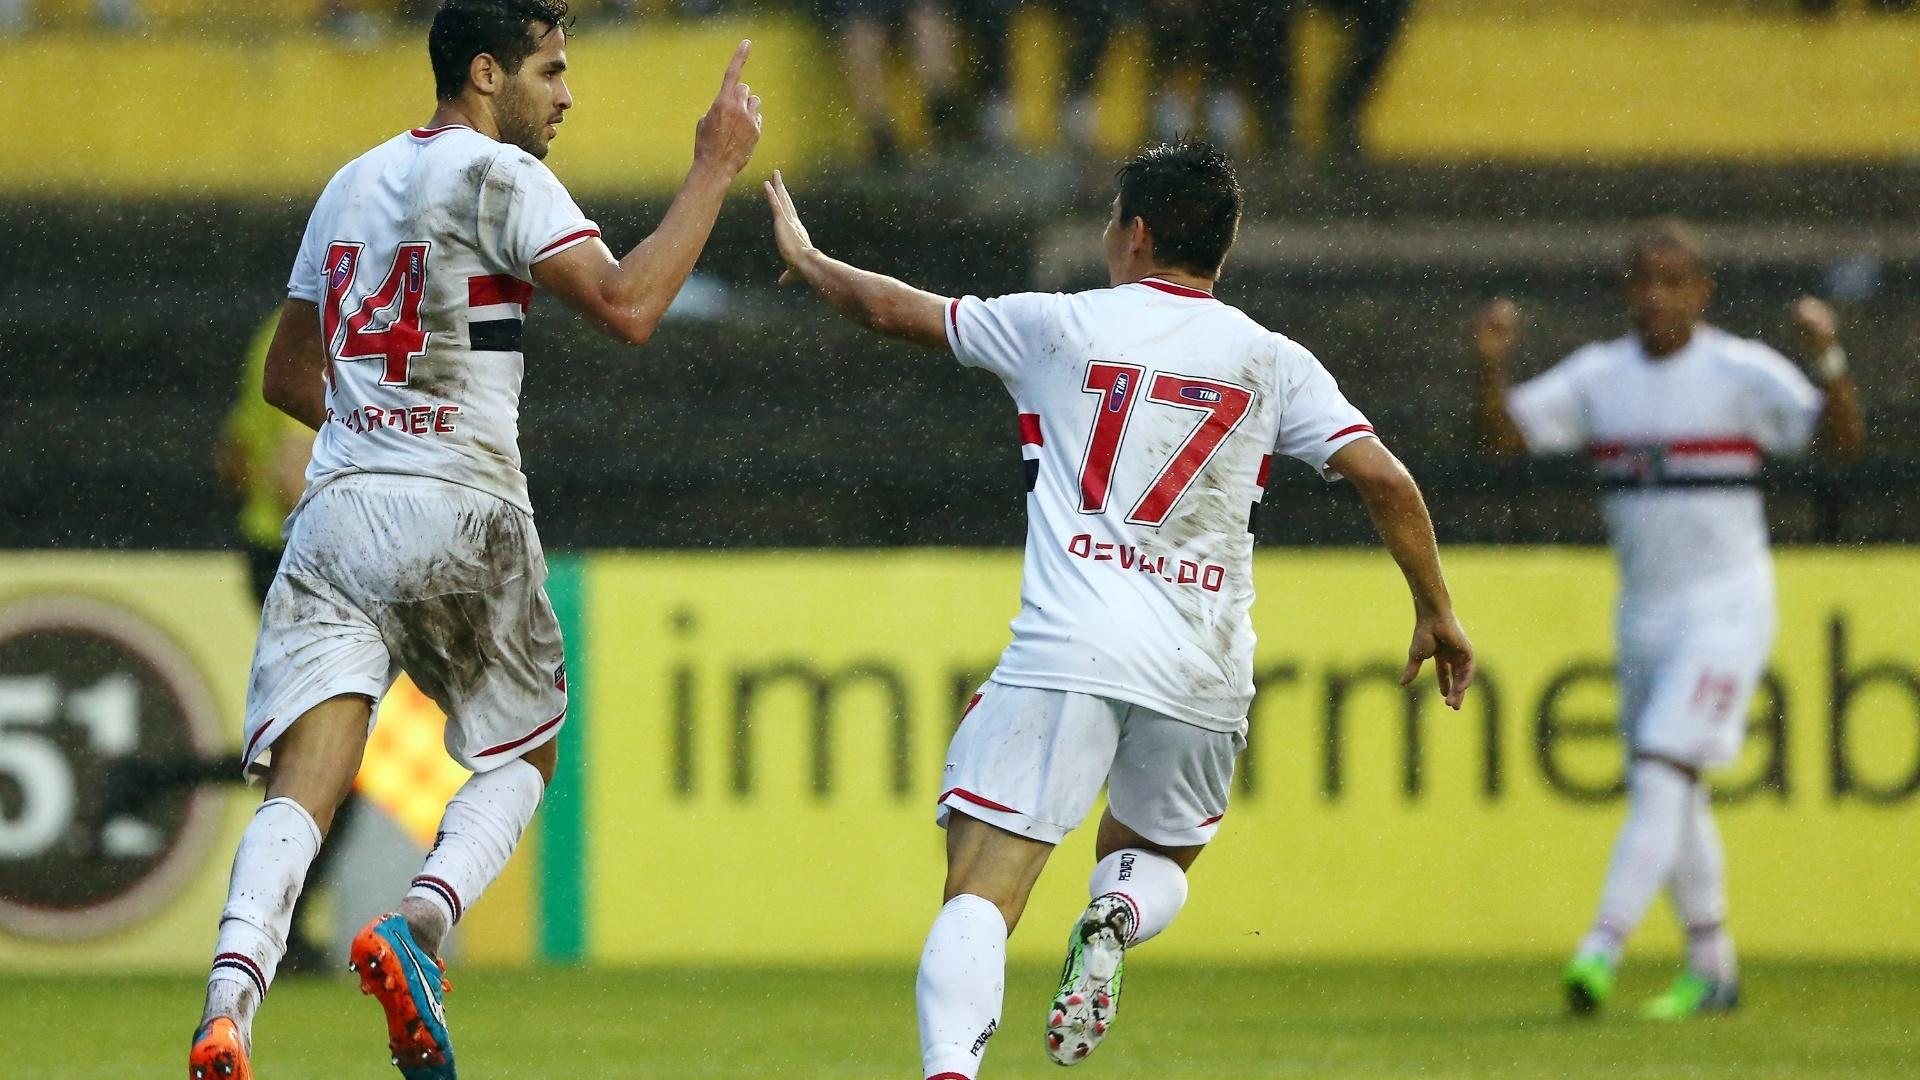 Alan Kardec comemora gol com Osvaldo no jogo entre São Paulo e Criciúma